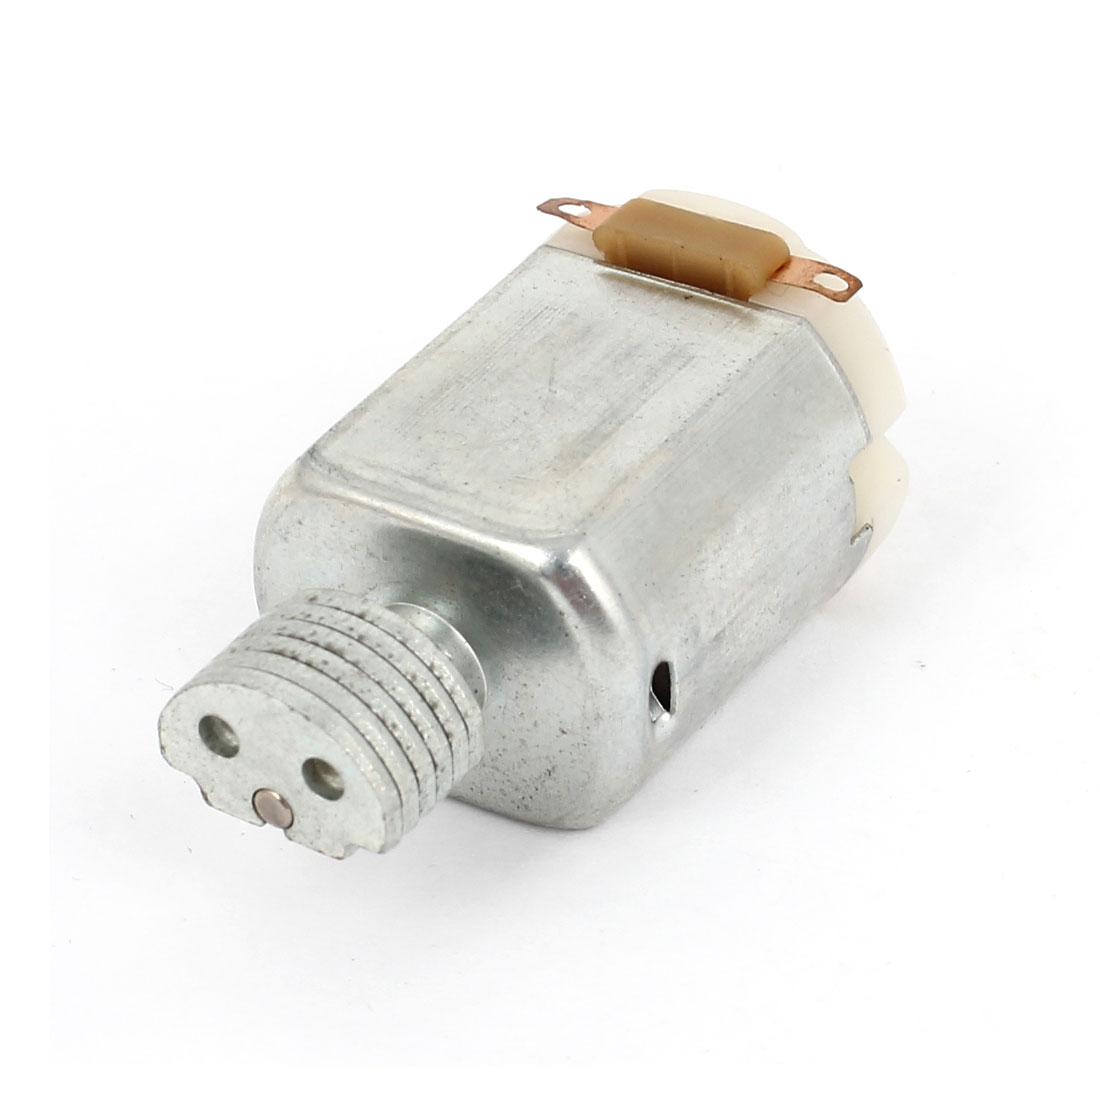 Mini Vibration Vibrating Electric Toys Motor DC 3V 5200RPM